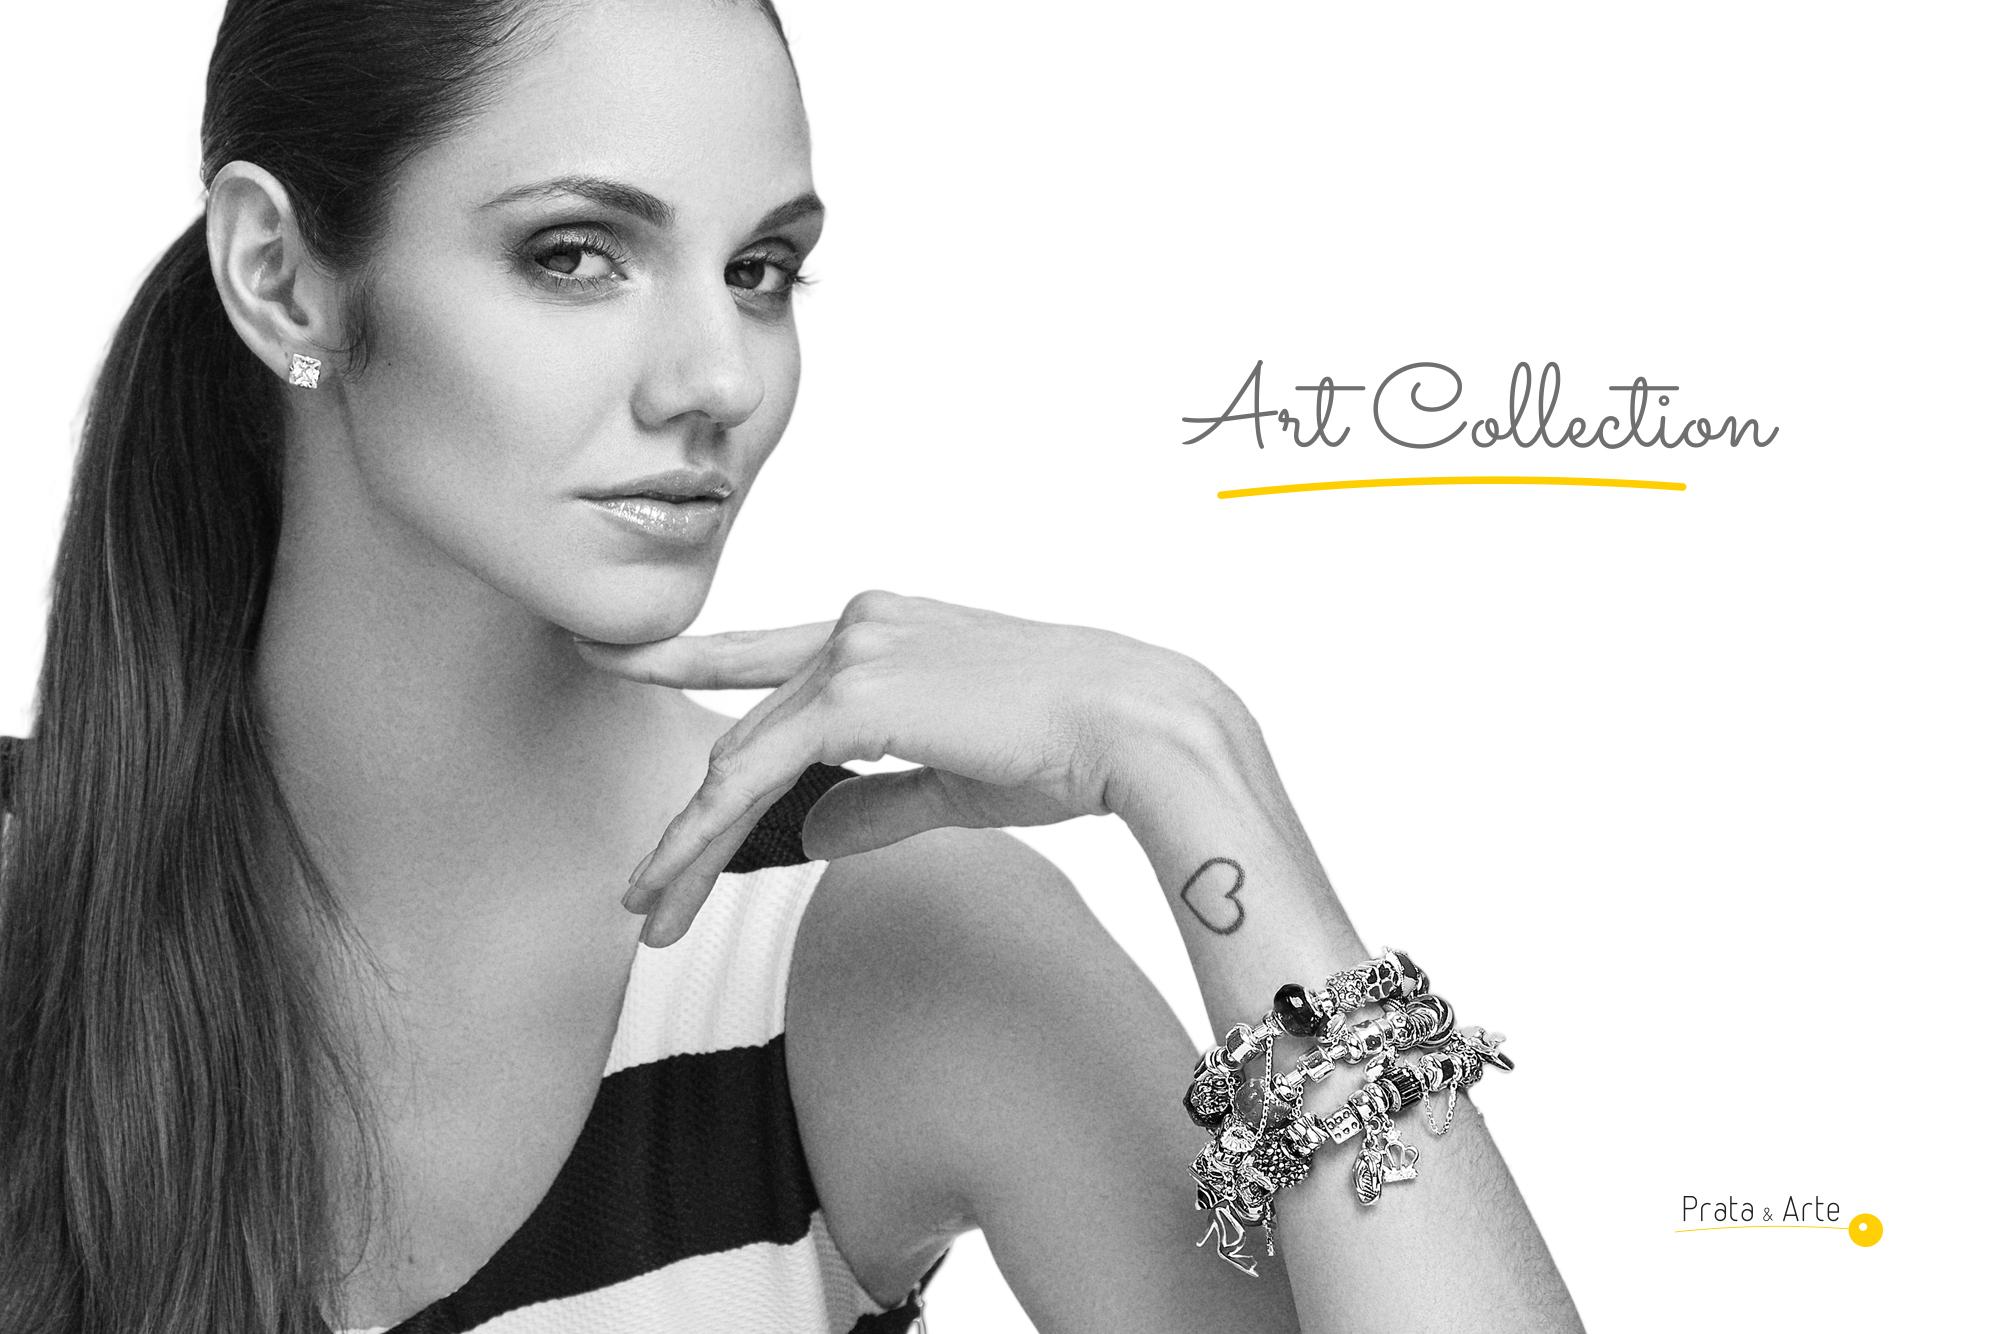 ArtCollection-Prata-e-Arte-Blog